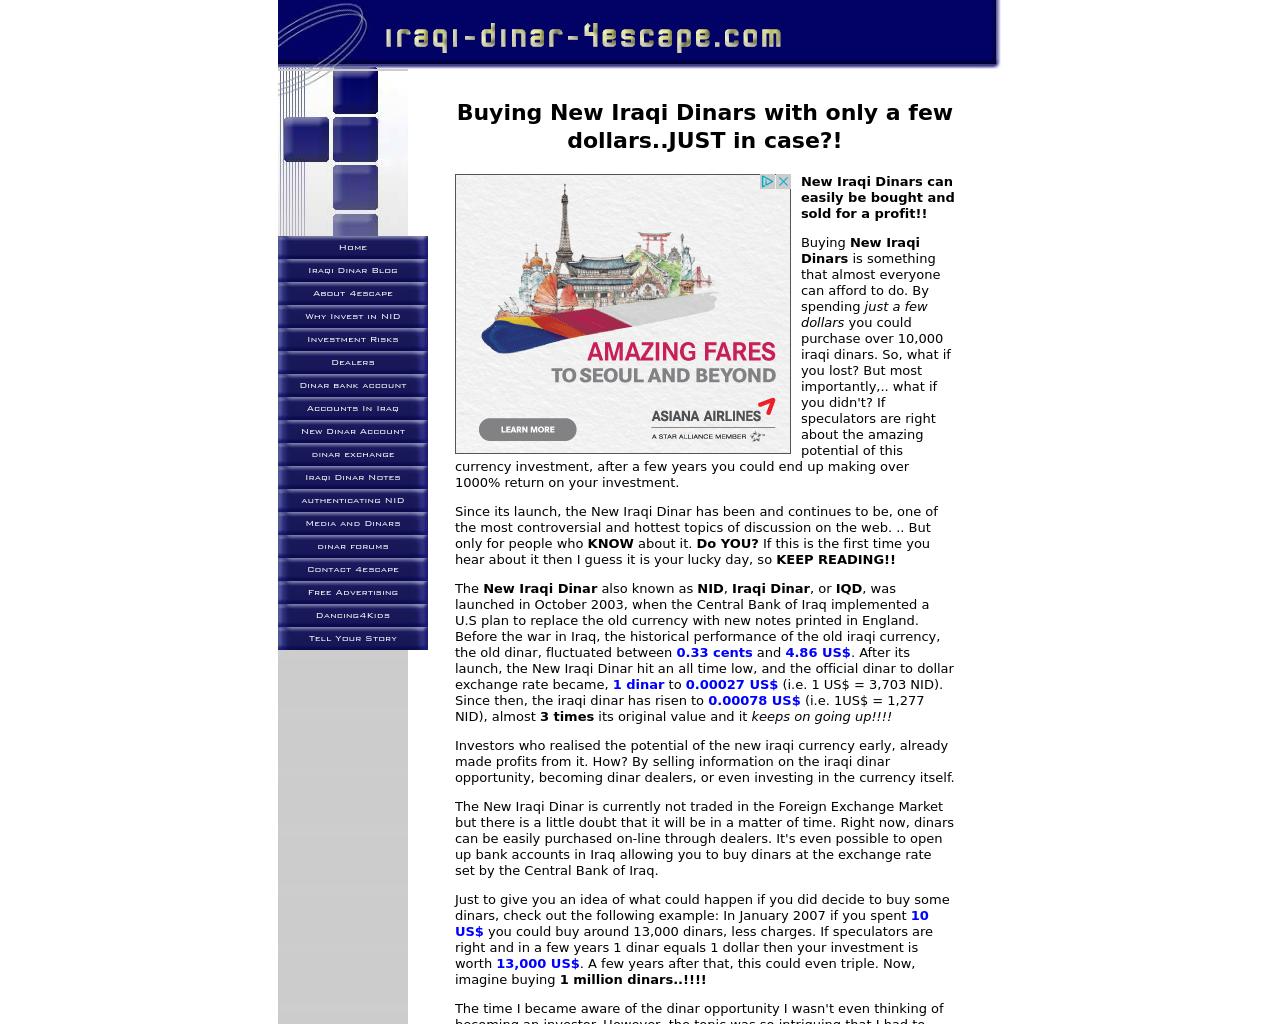 Iraqi-dinar-4escape.com-Advertising-Reviews-Pricing